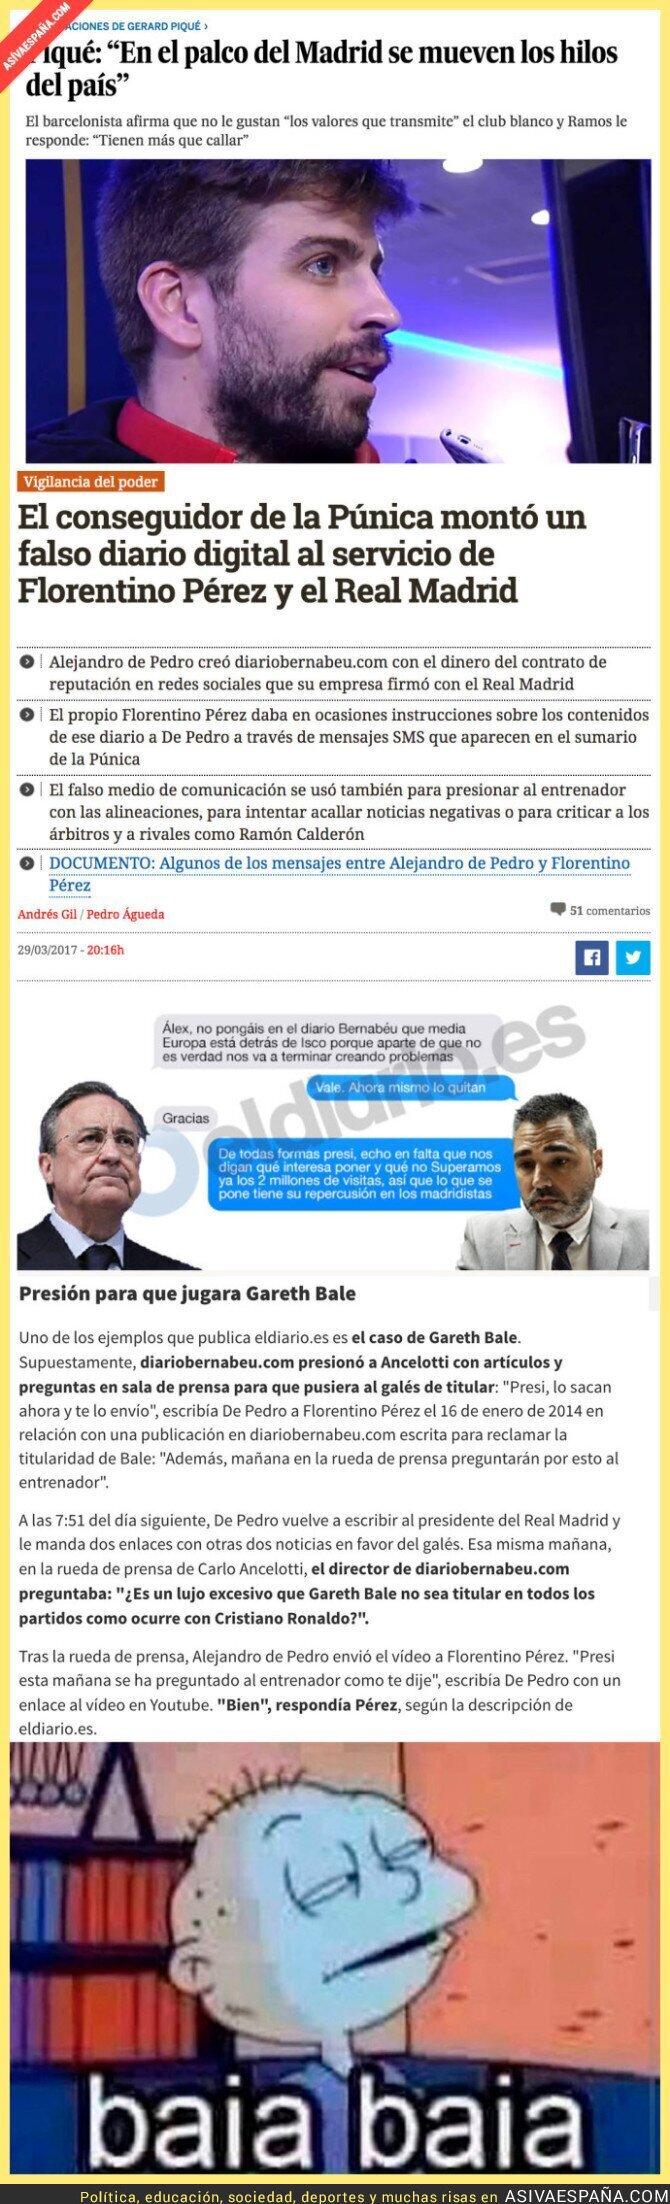 65480 - Piqué no estaba tan equivocado hablando del palco del Bernabéu y hoy se confirma